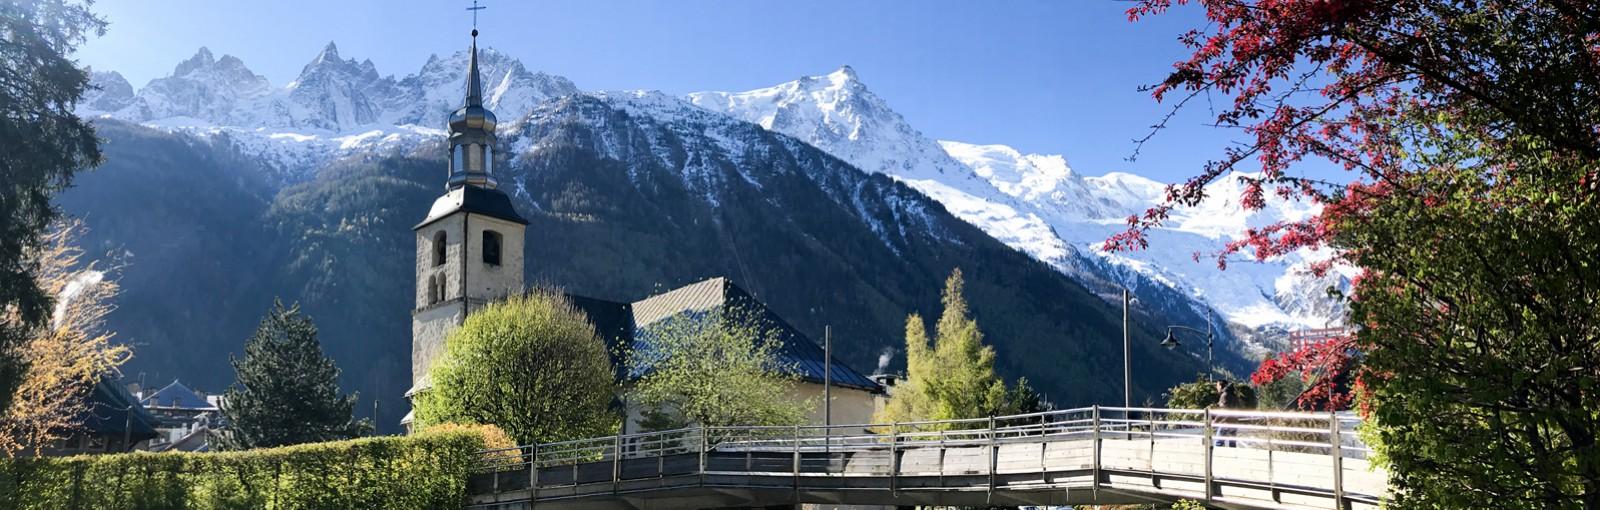 Tours Une semaine dans les Alpes - Séjours - Nos Séjours et Circuits Privés - En famille ou groupes d'amis